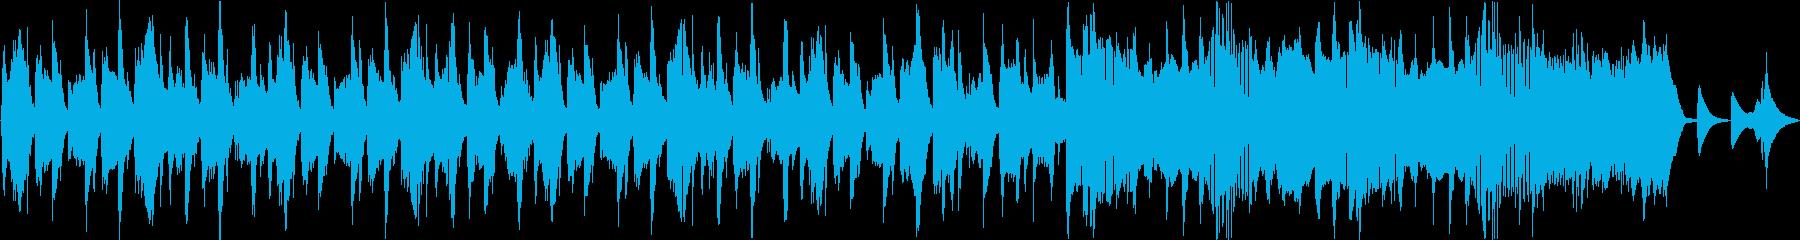 【ループ可】カントリー系の明るいコミカルの再生済みの波形